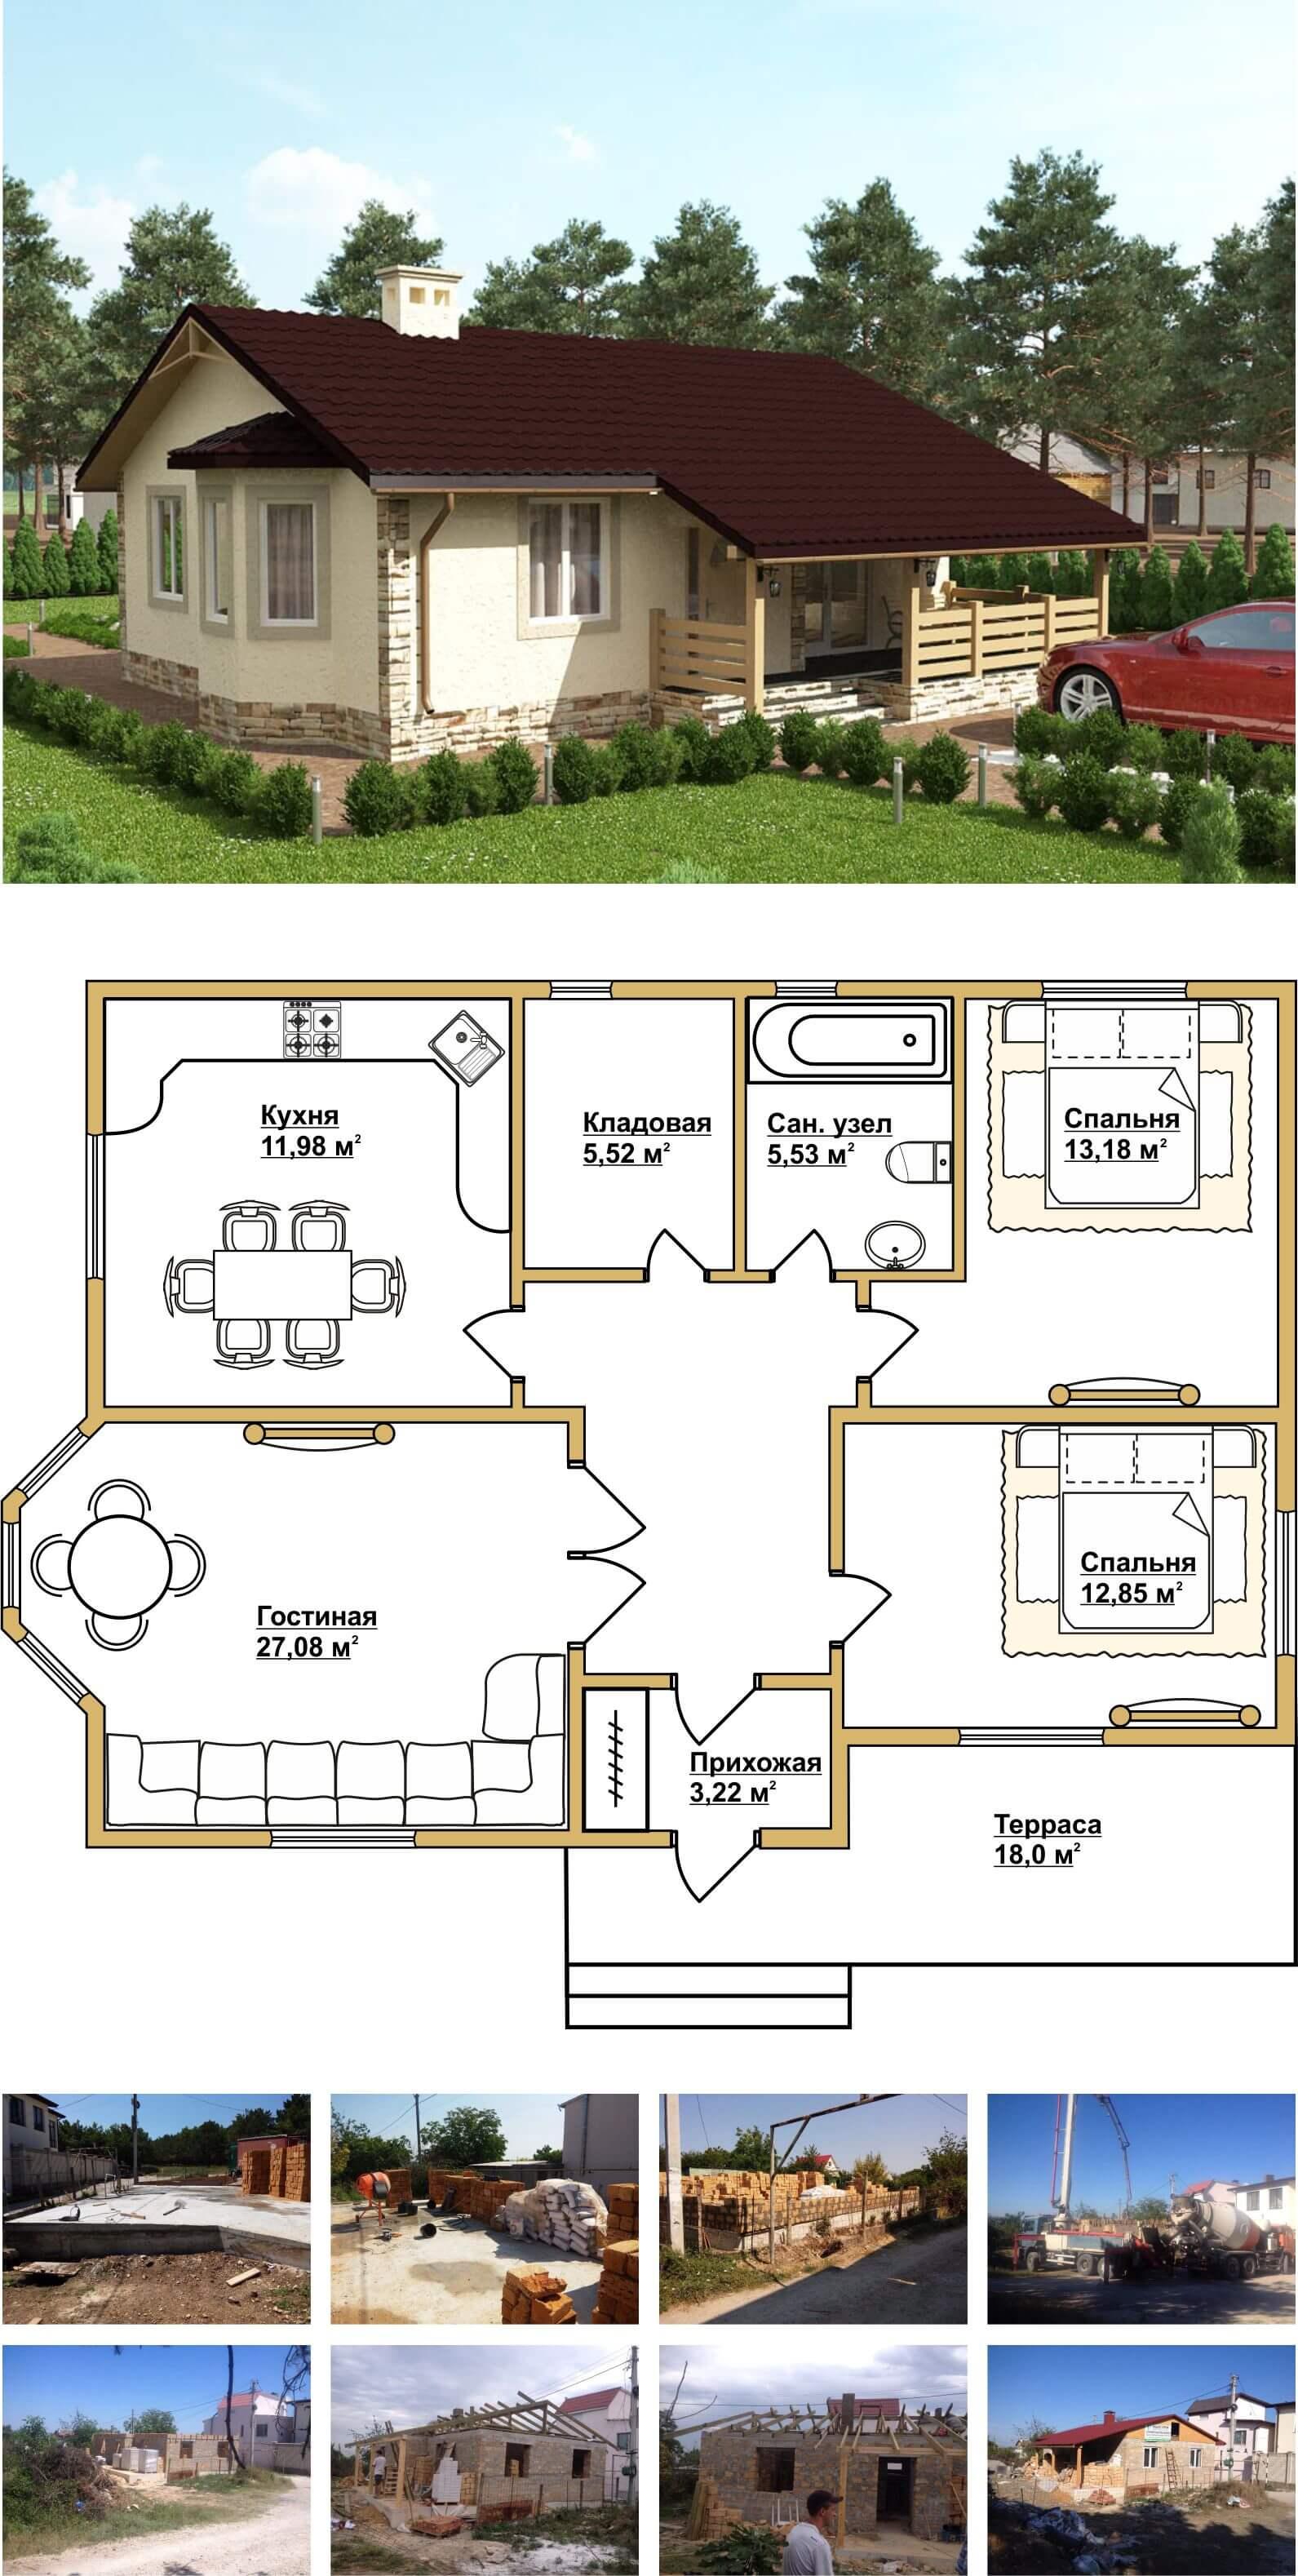 Строительство дома с гаражом в Крыму и Севастополе